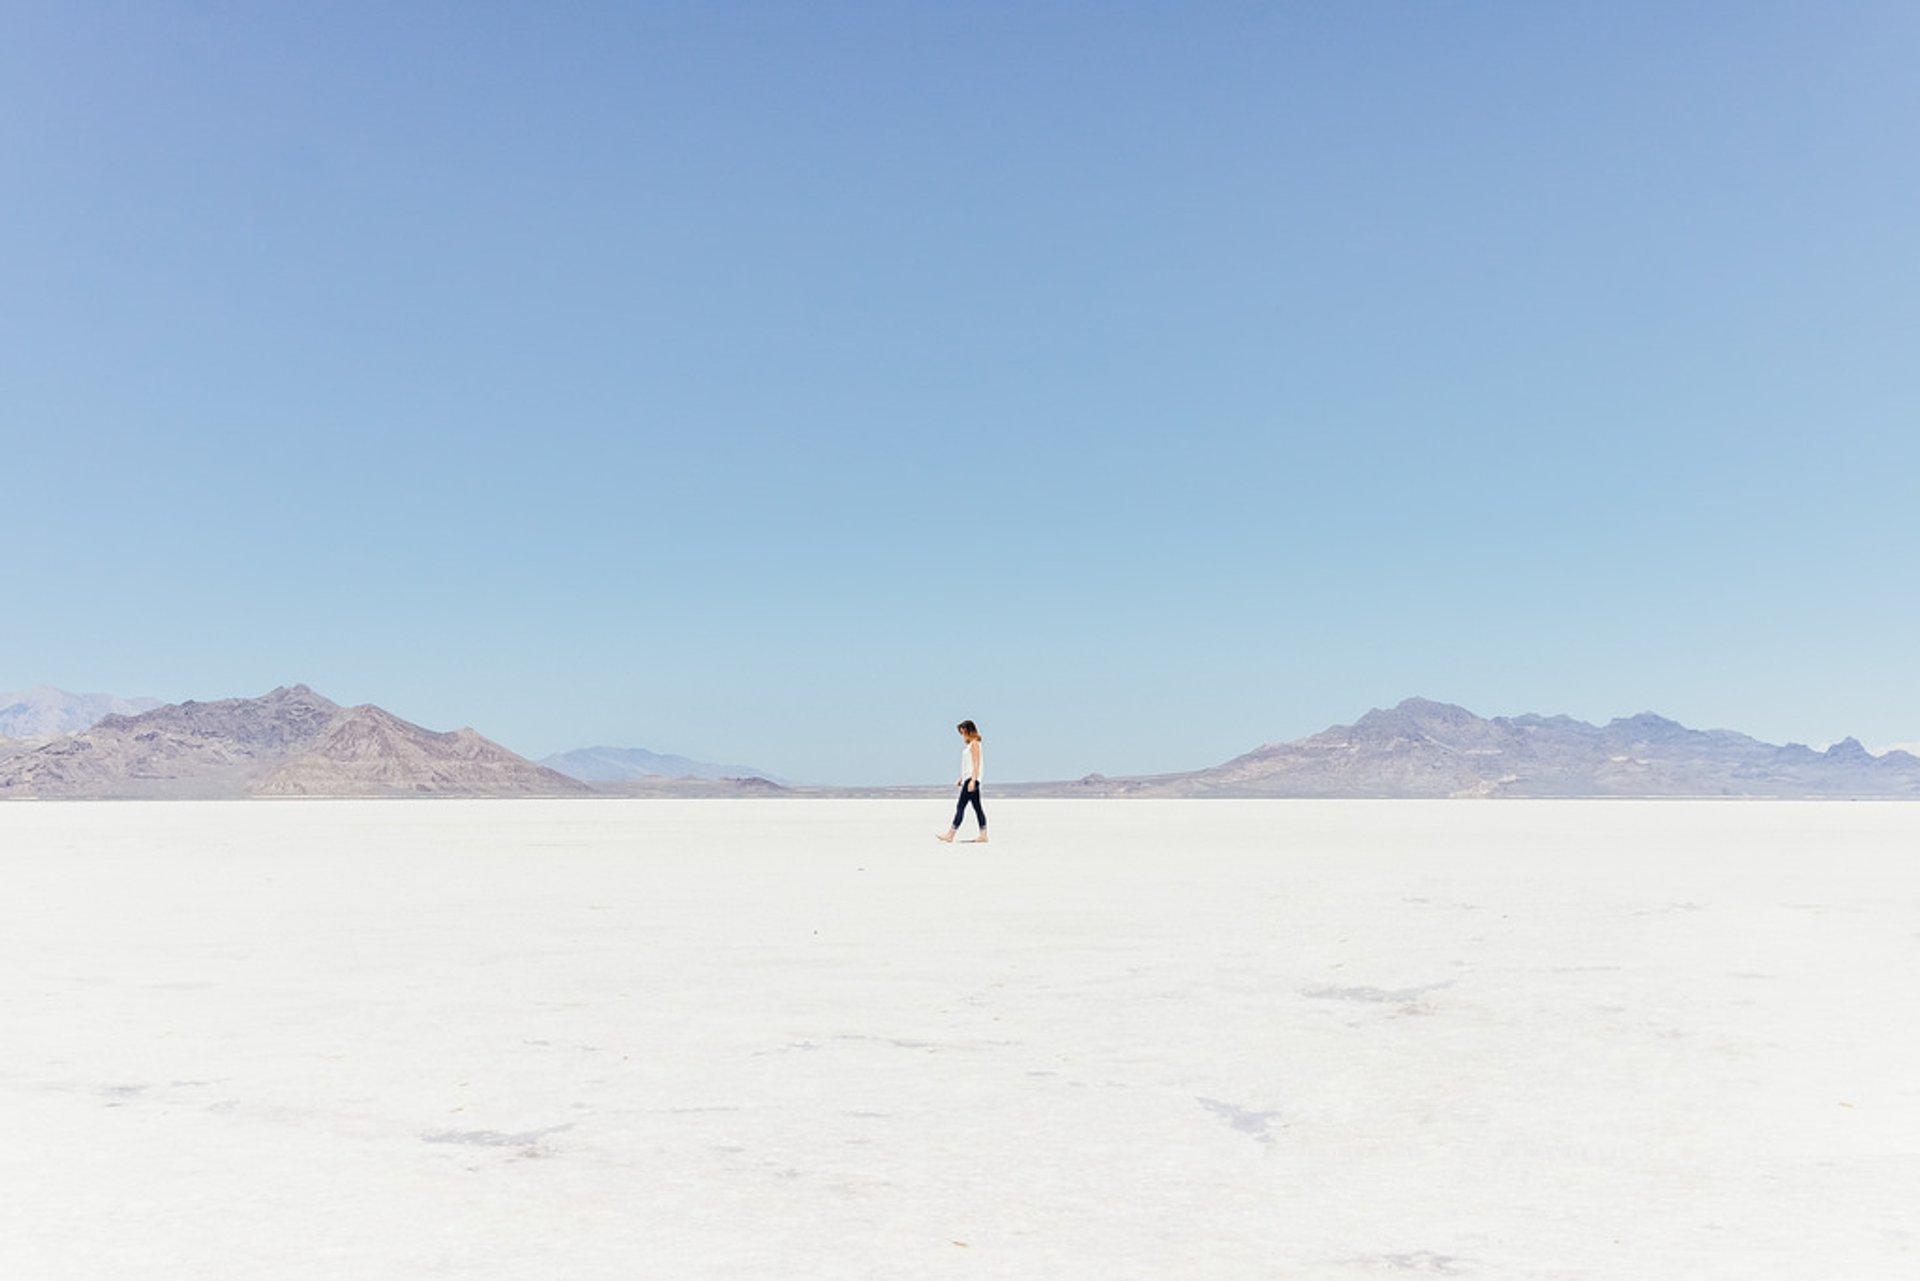 Dry Bonneville Salt Flats in Utah 2020 - Best Time